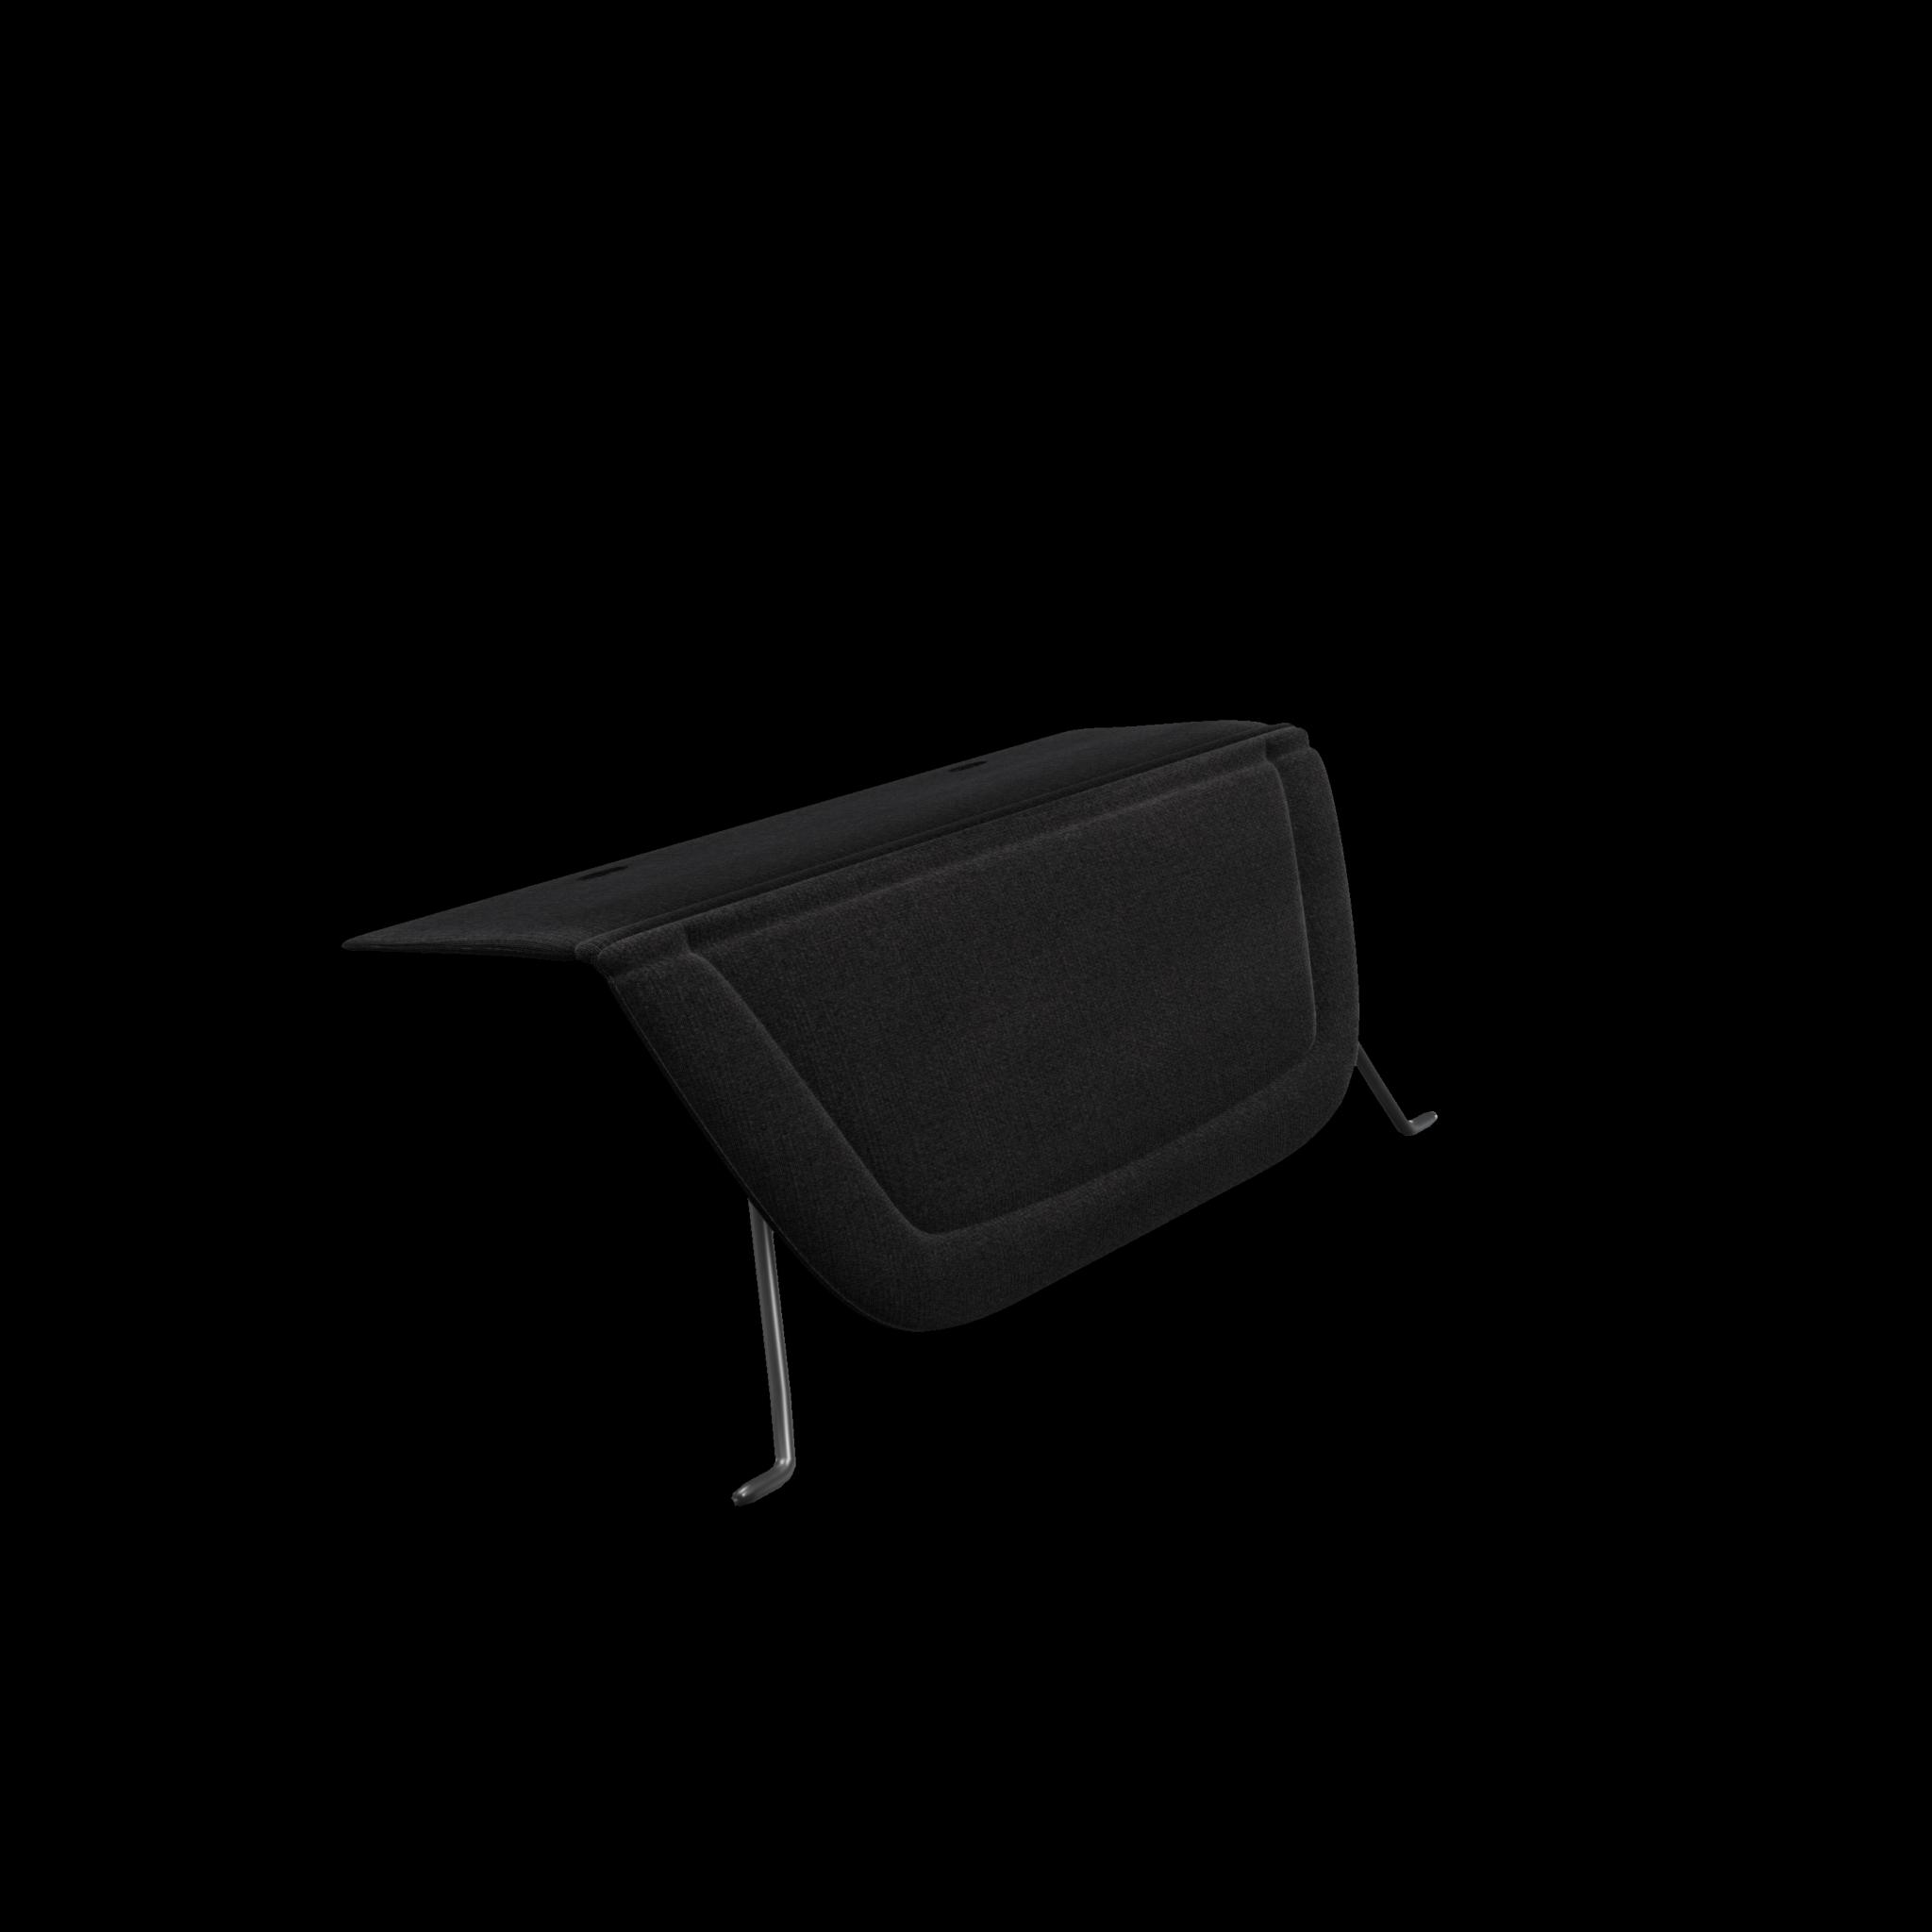 Reposapiés silla Aer Joolz